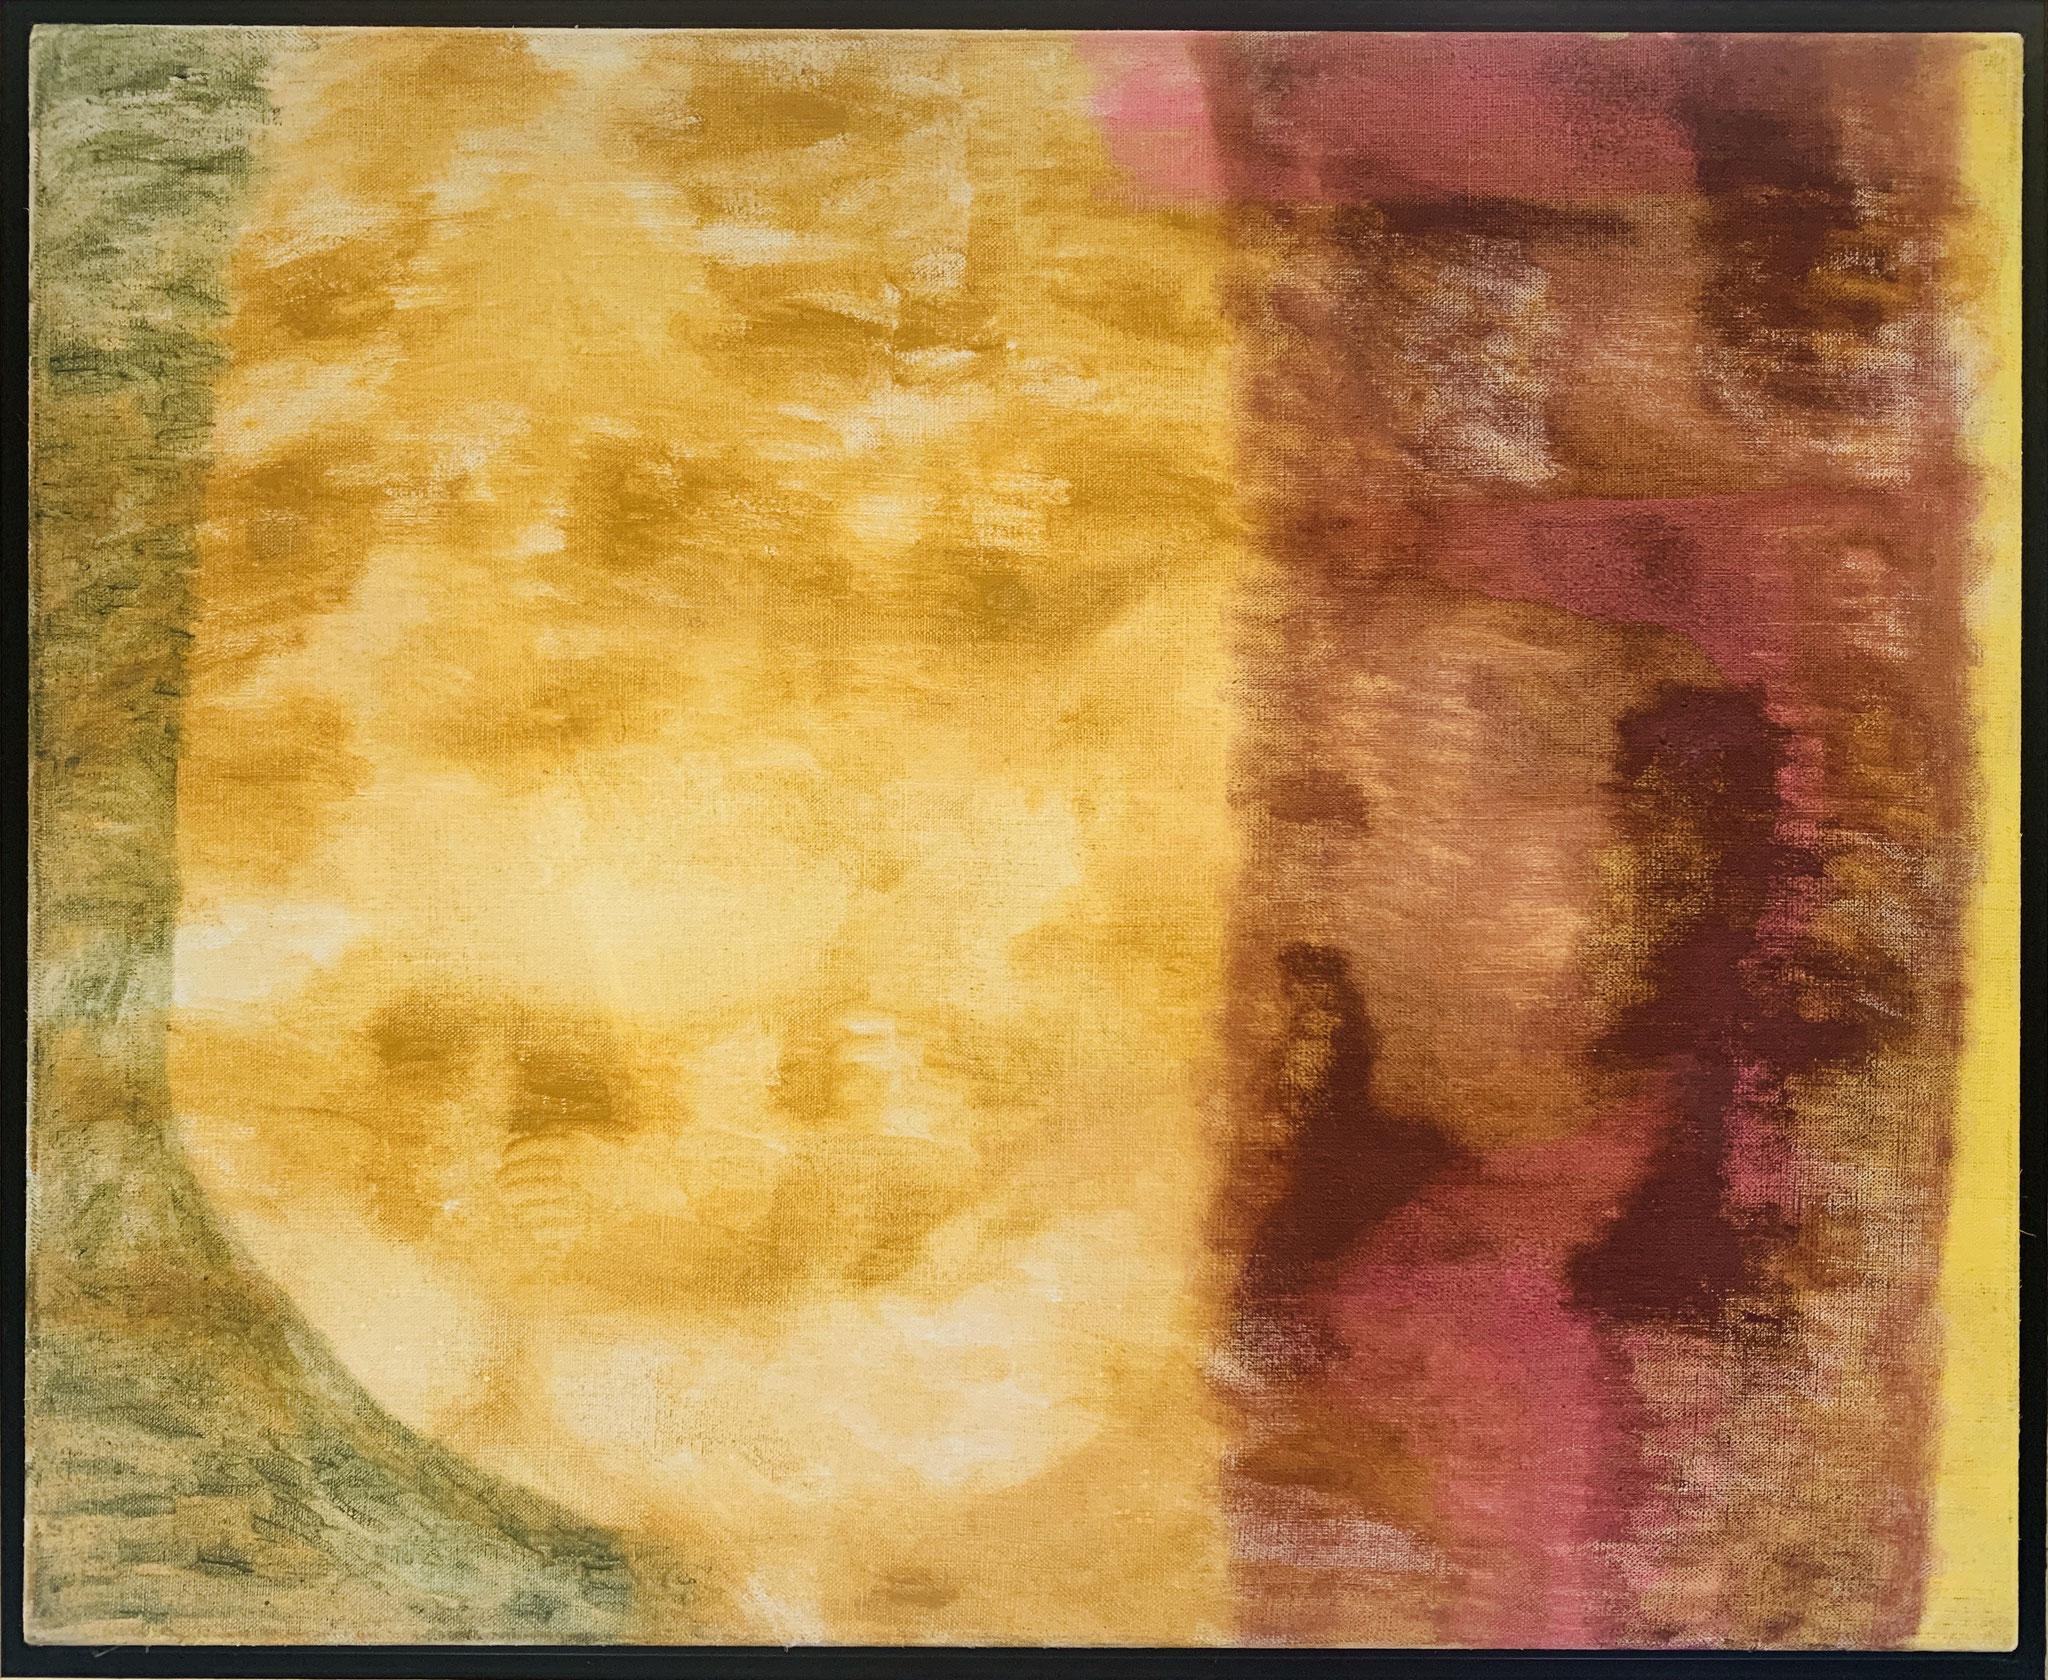 54. Marcel Pfeffer, Eve, Öl auf Leinen, 2020, Preis auf Anfrage